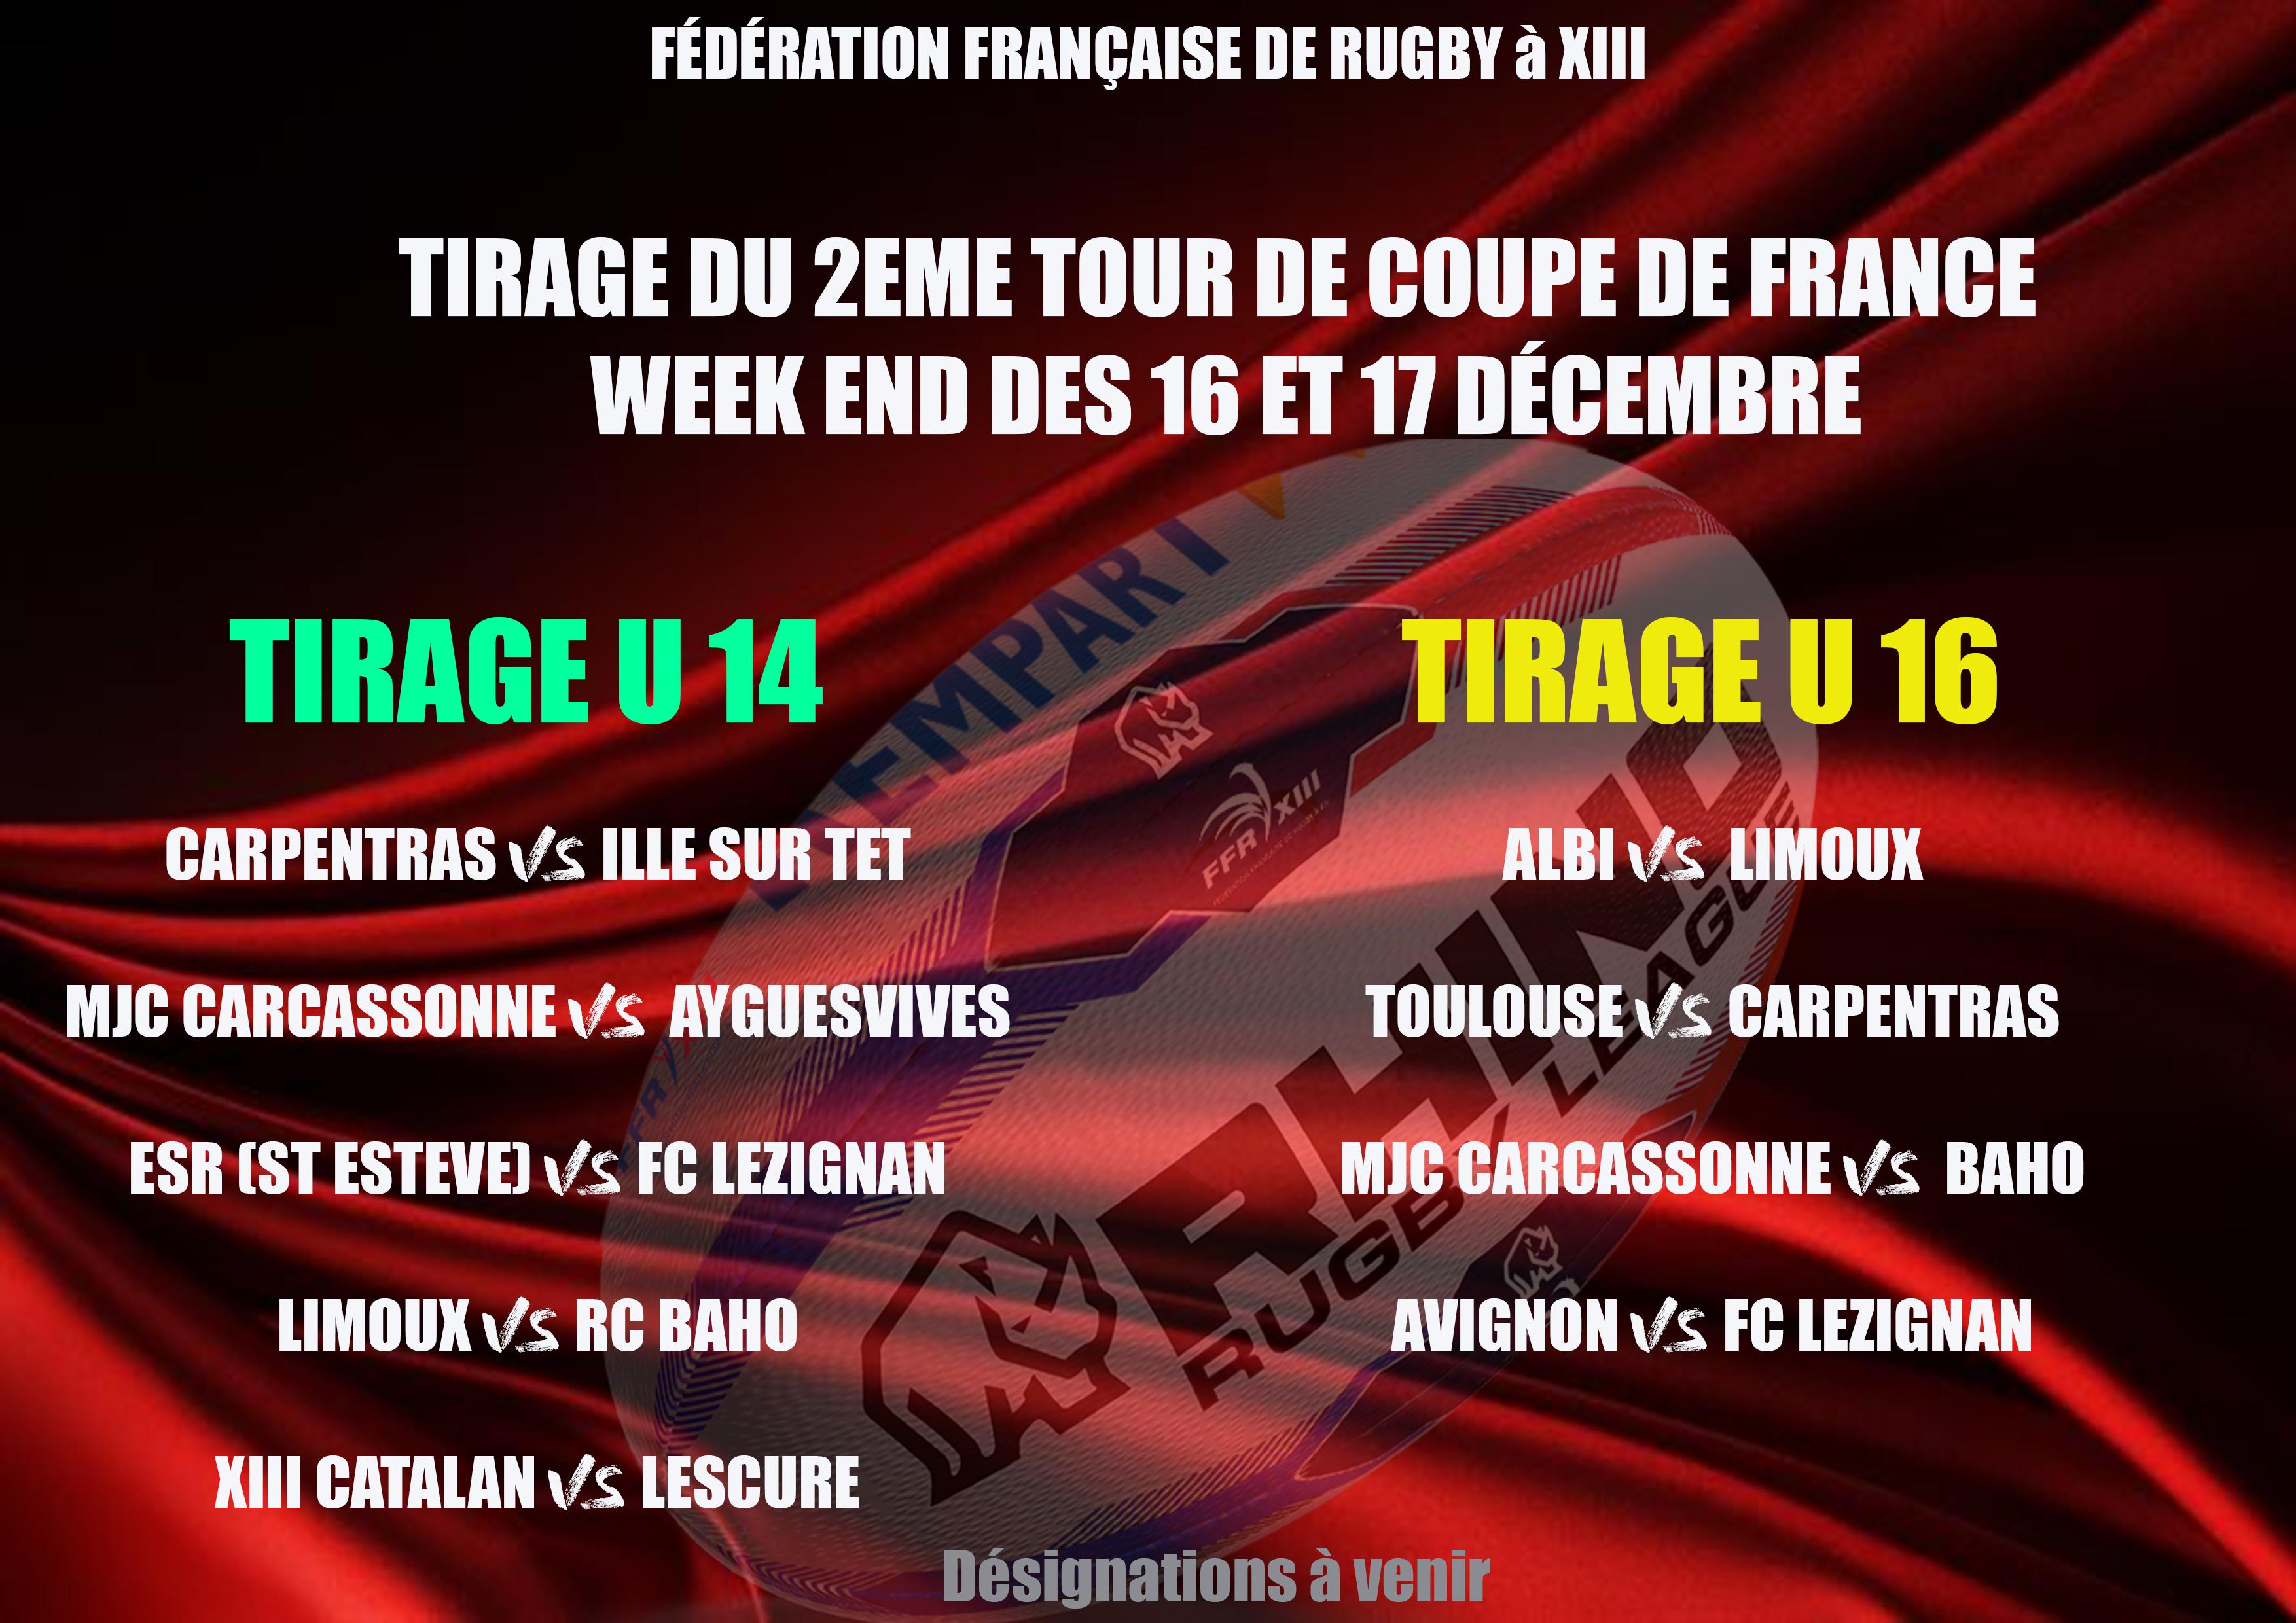 Tirage du 2 me tour de coupe de france u14 et u16 - Tirage eme tour coupe de france ...